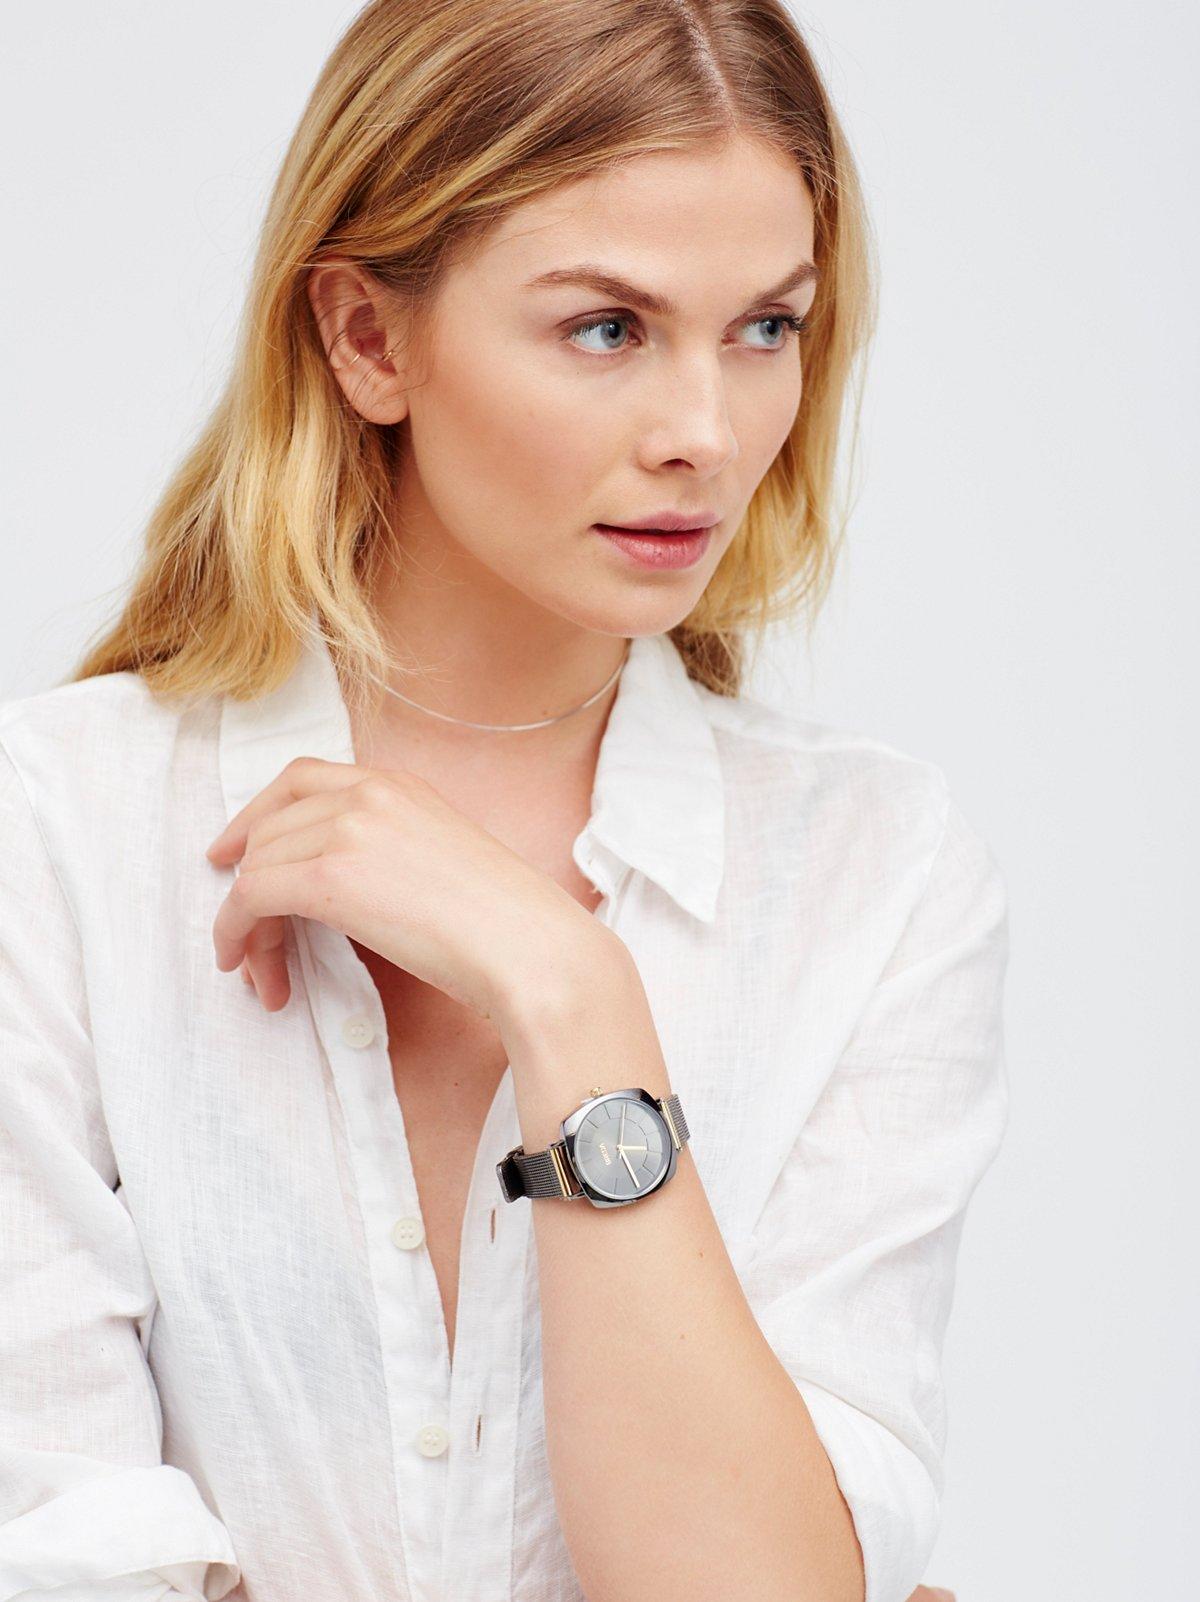 Vix金属带腕表